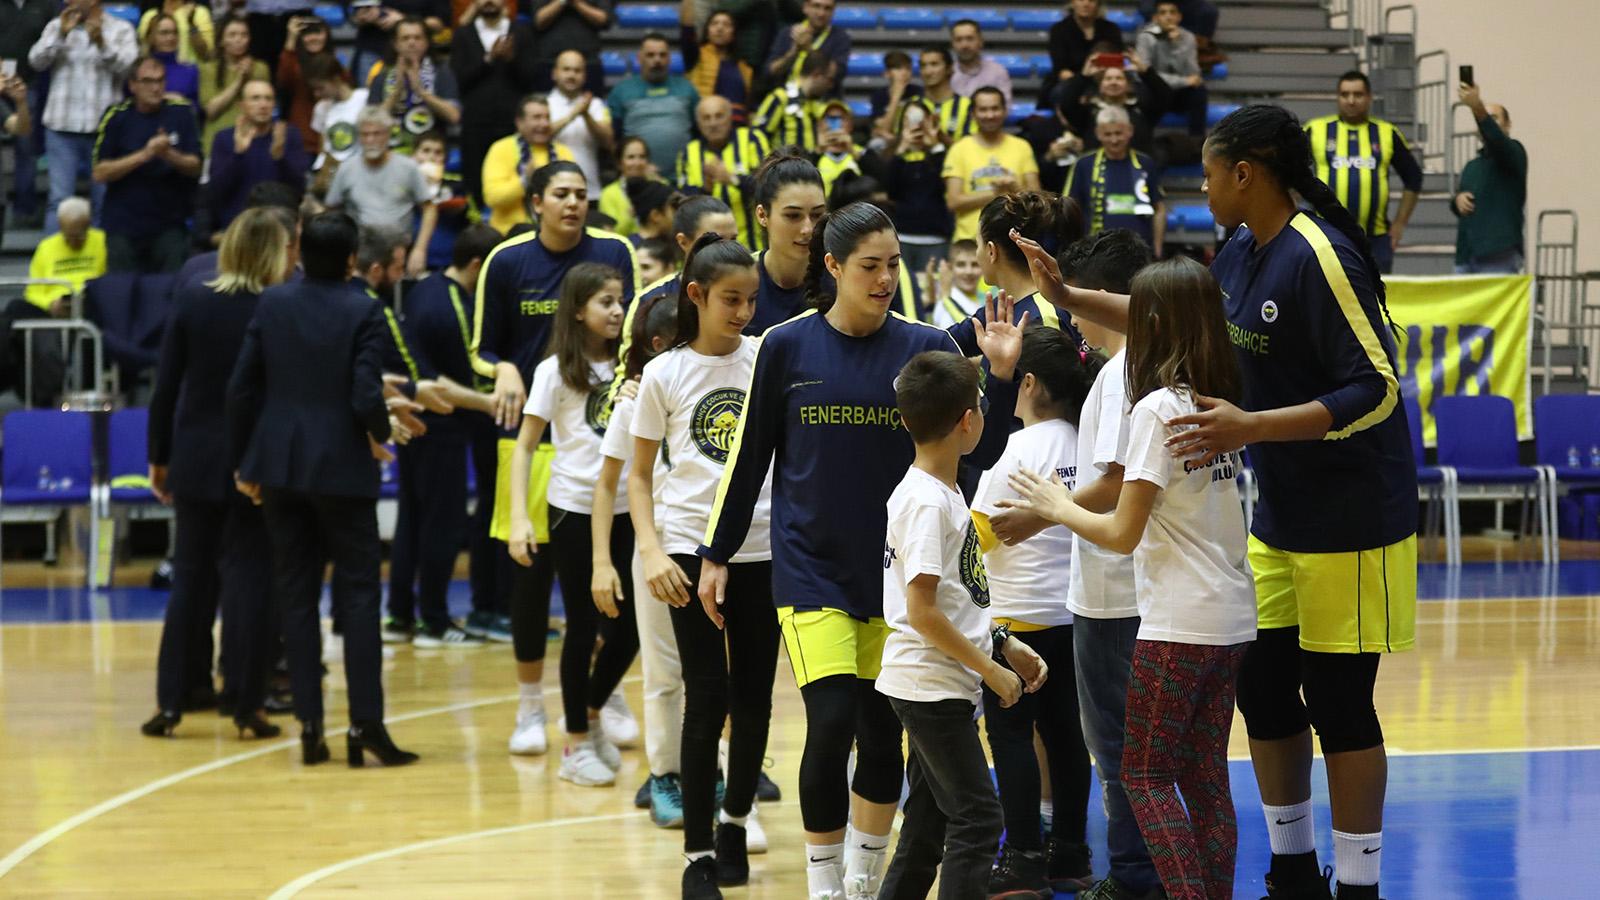 FBÇGK Katılımcıları maç önü seremonilerinde yer almaya devam ediyor